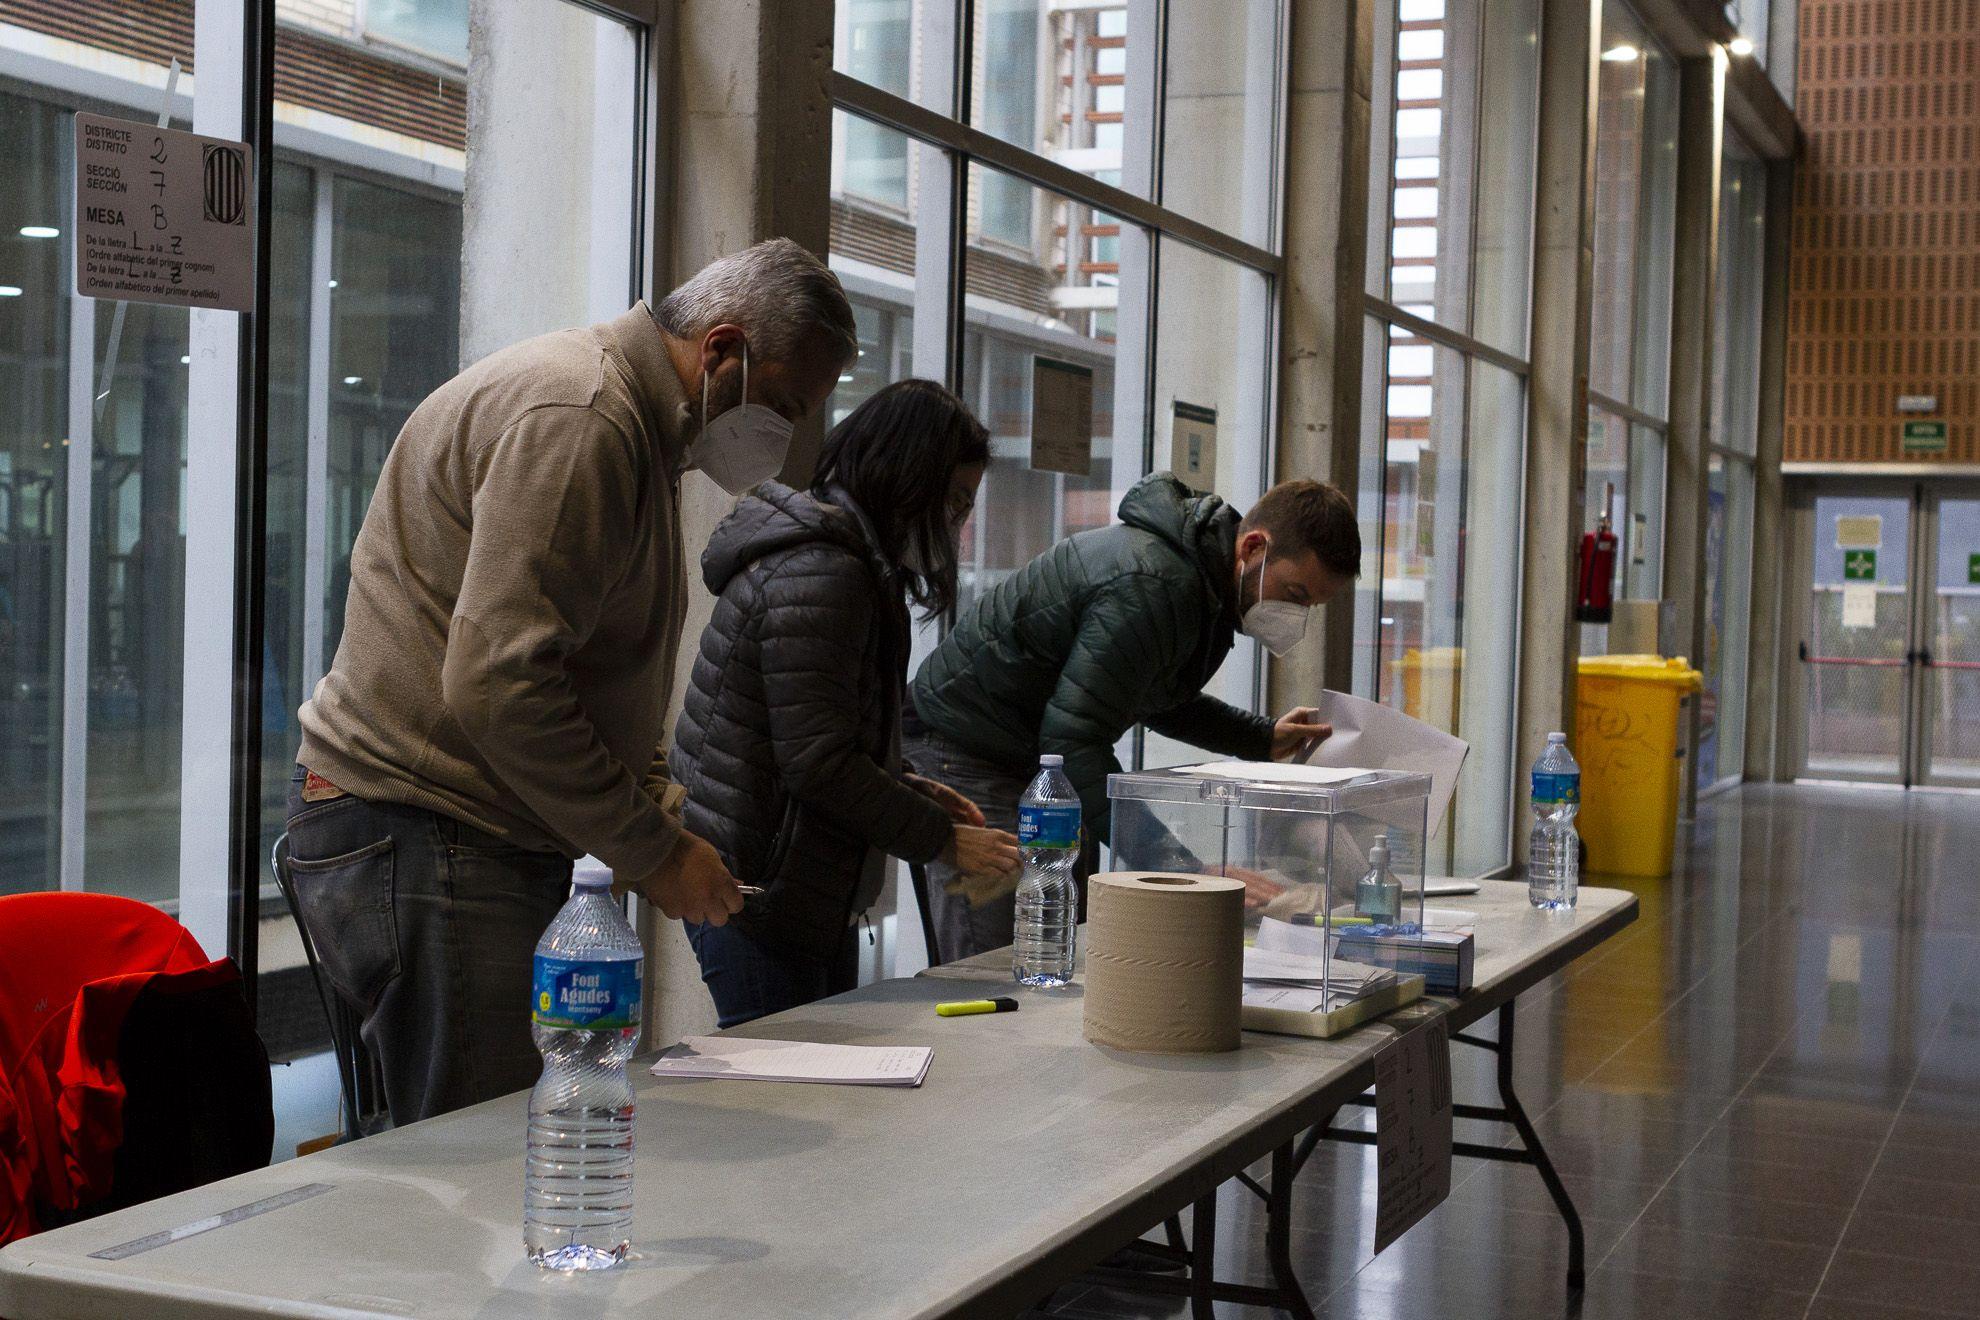 Eleccions al Parlament de Catalunya al pavelló III de la ZEM Rambla del Celler. FOTO: Estefania Bedmar